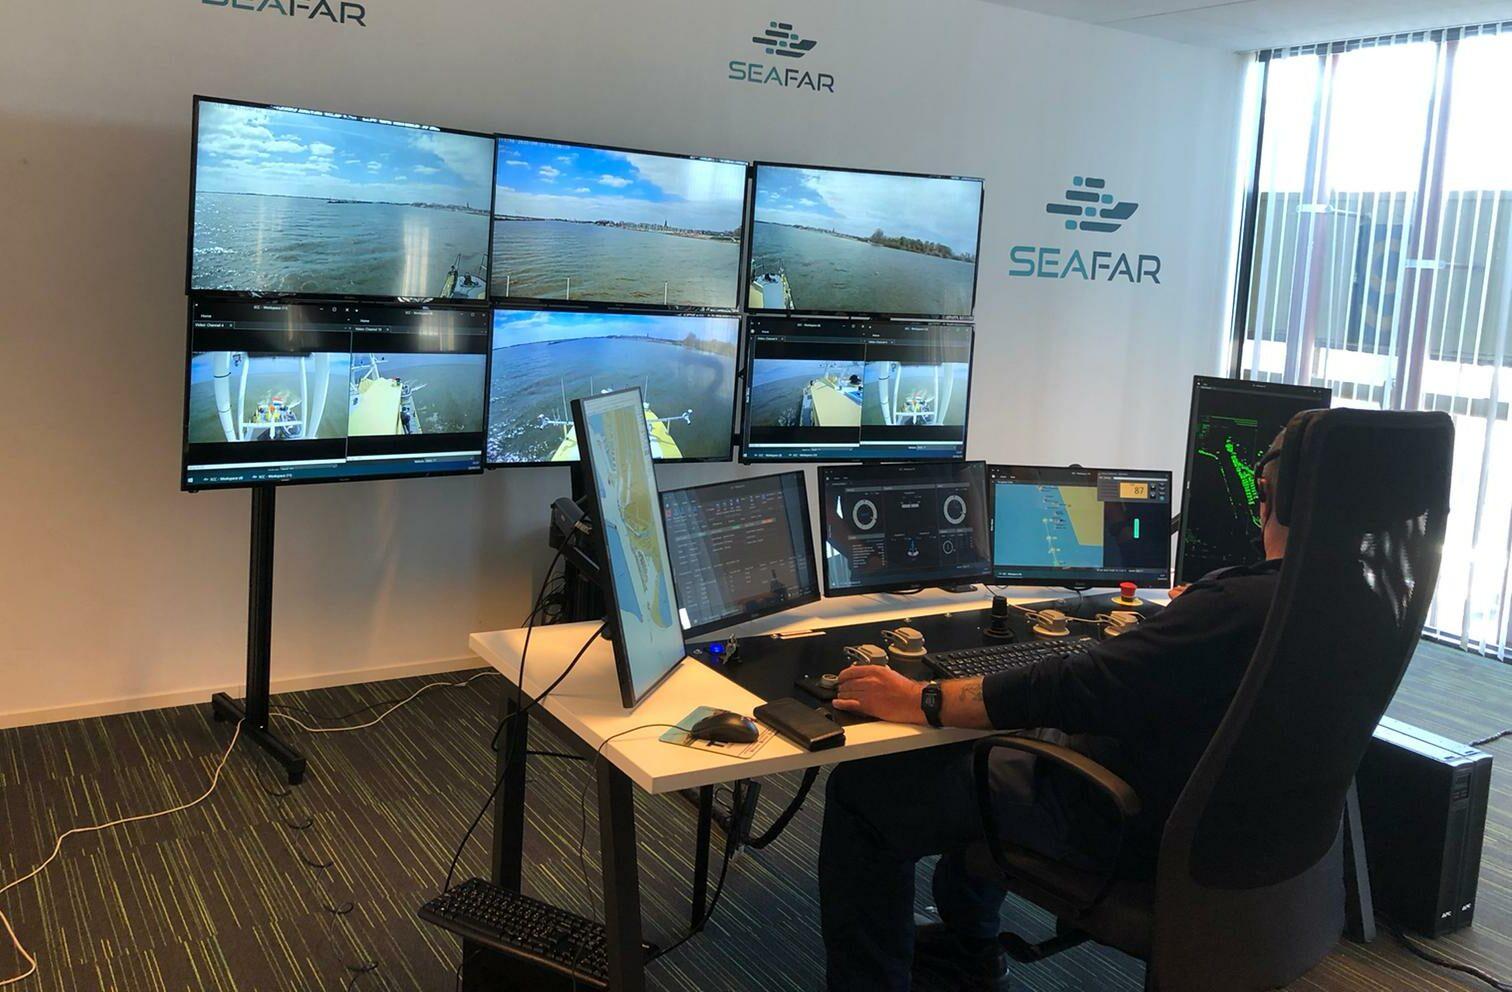 IJsselmeer demo Seafar succesvol verlopen